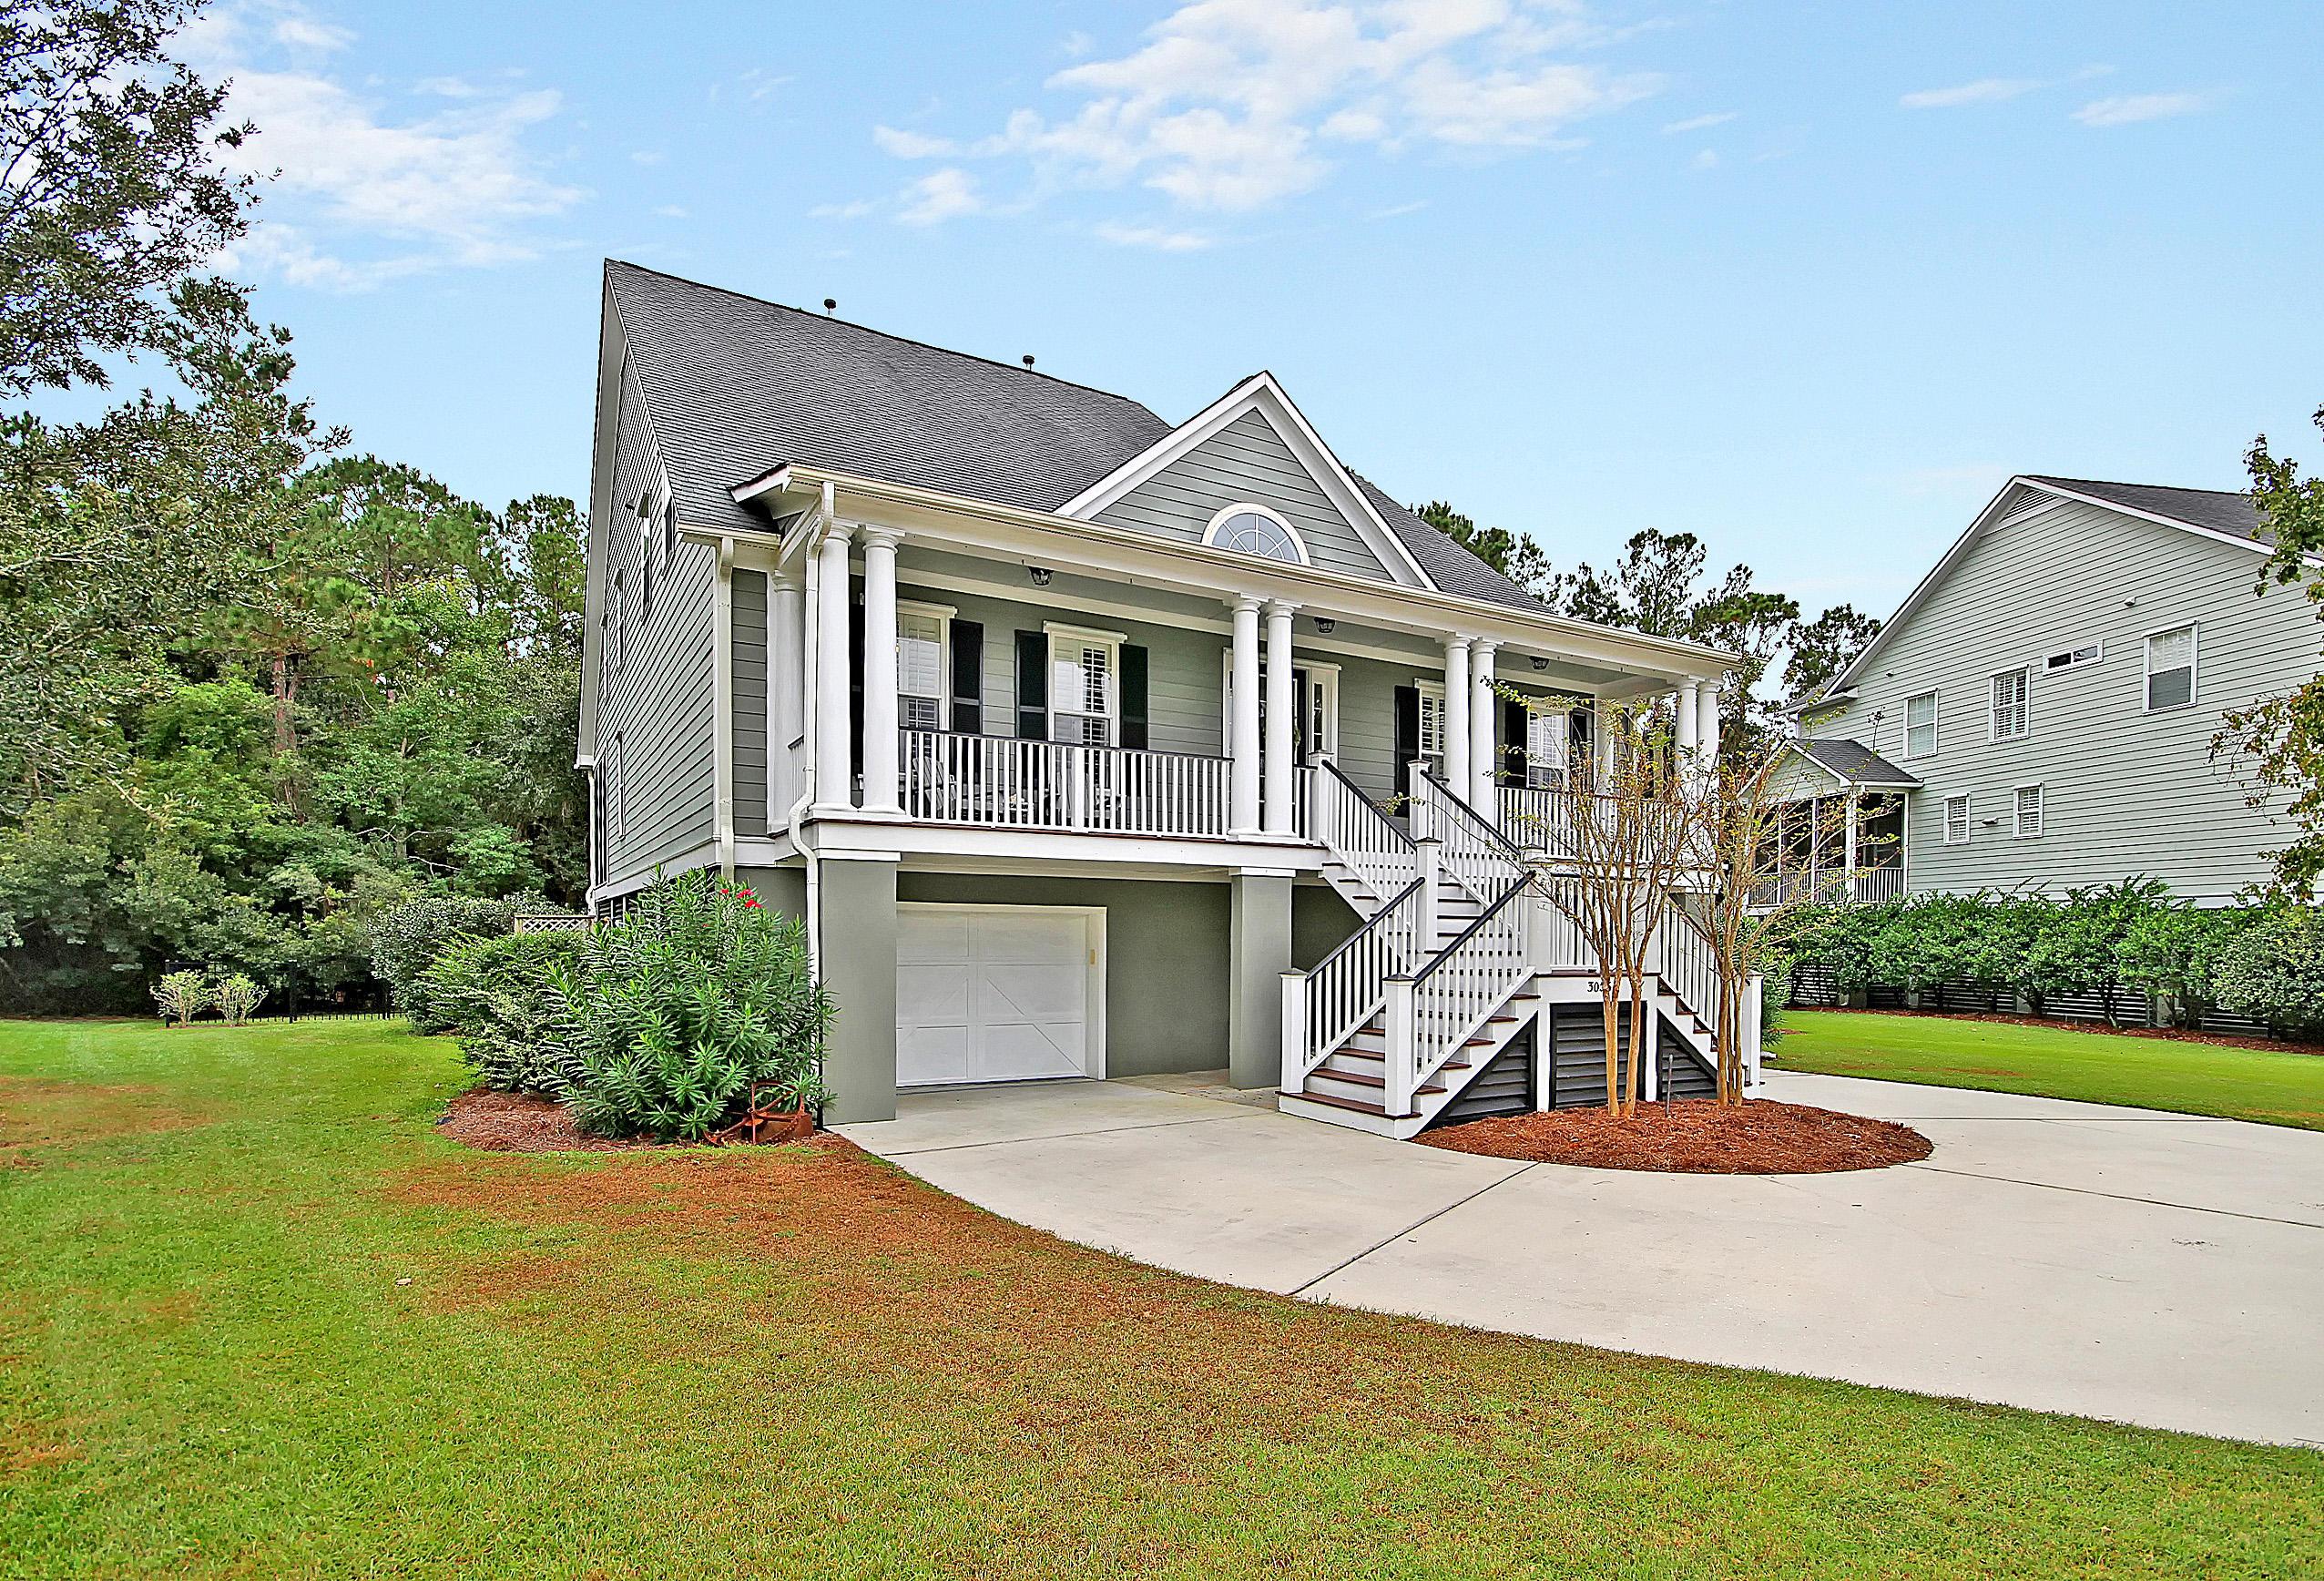 Dunes West Homes For Sale - 3056 Riverwood, Mount Pleasant, SC - 32